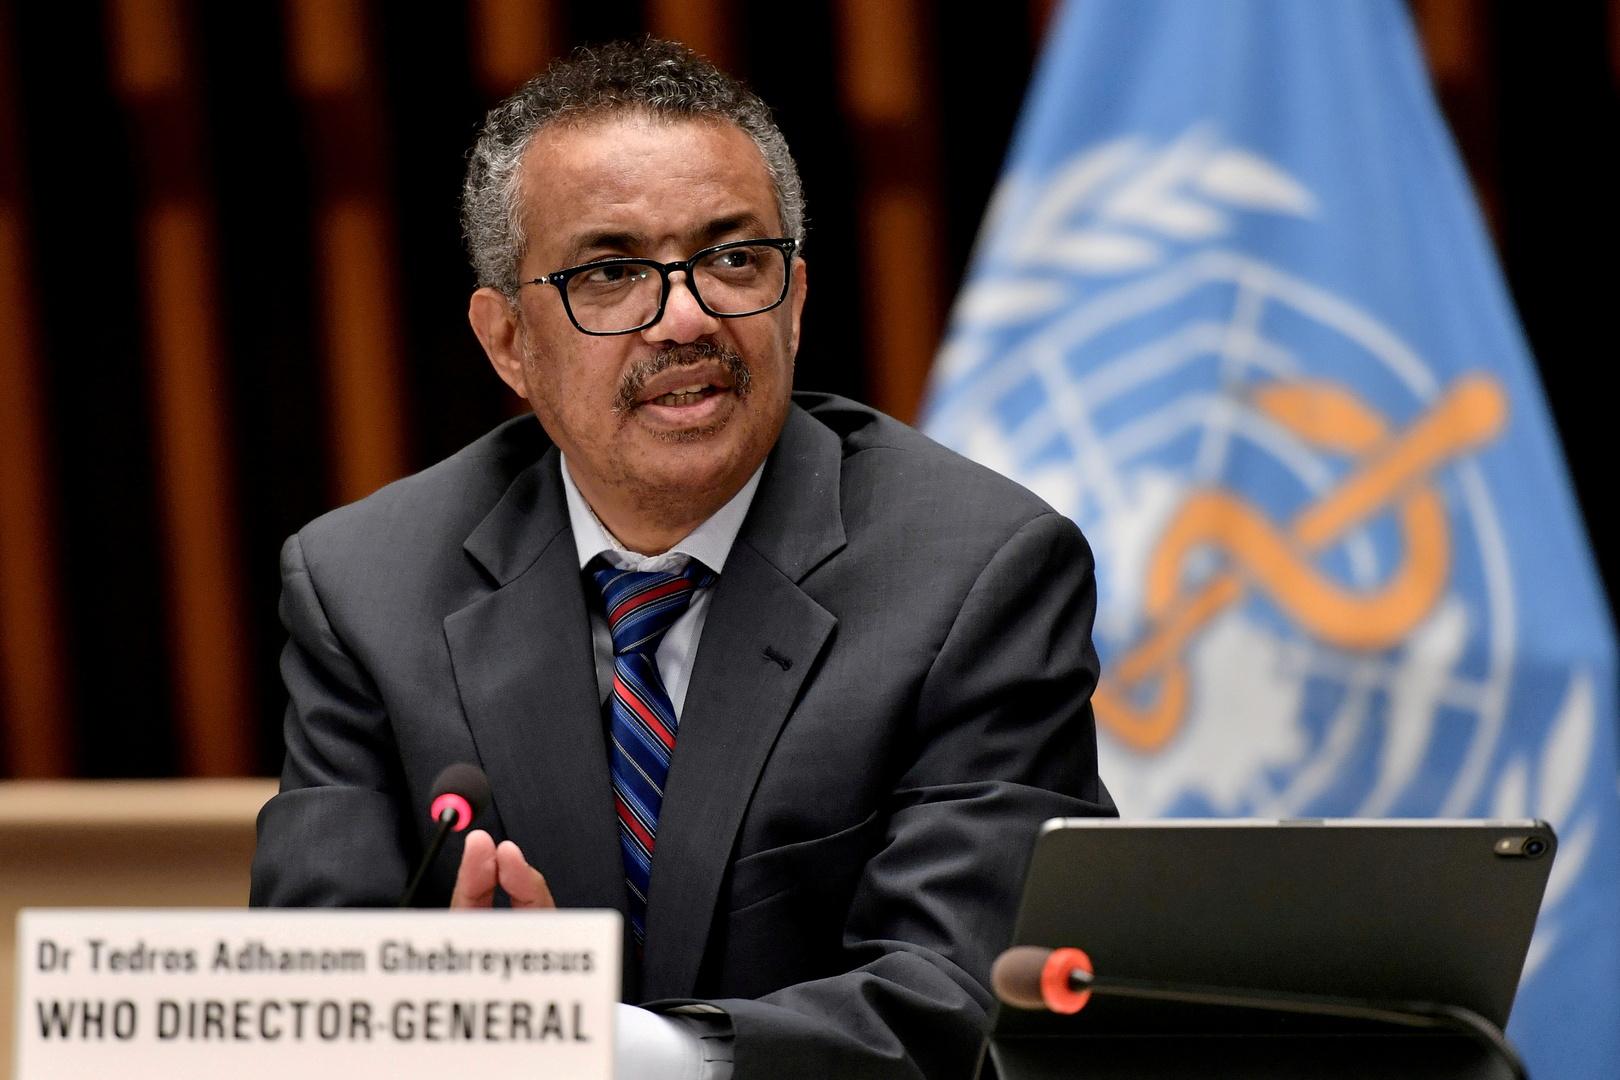 المدير العام لمنظمة الصحة العالمية تيدروس أدهانوم غيبريسوس